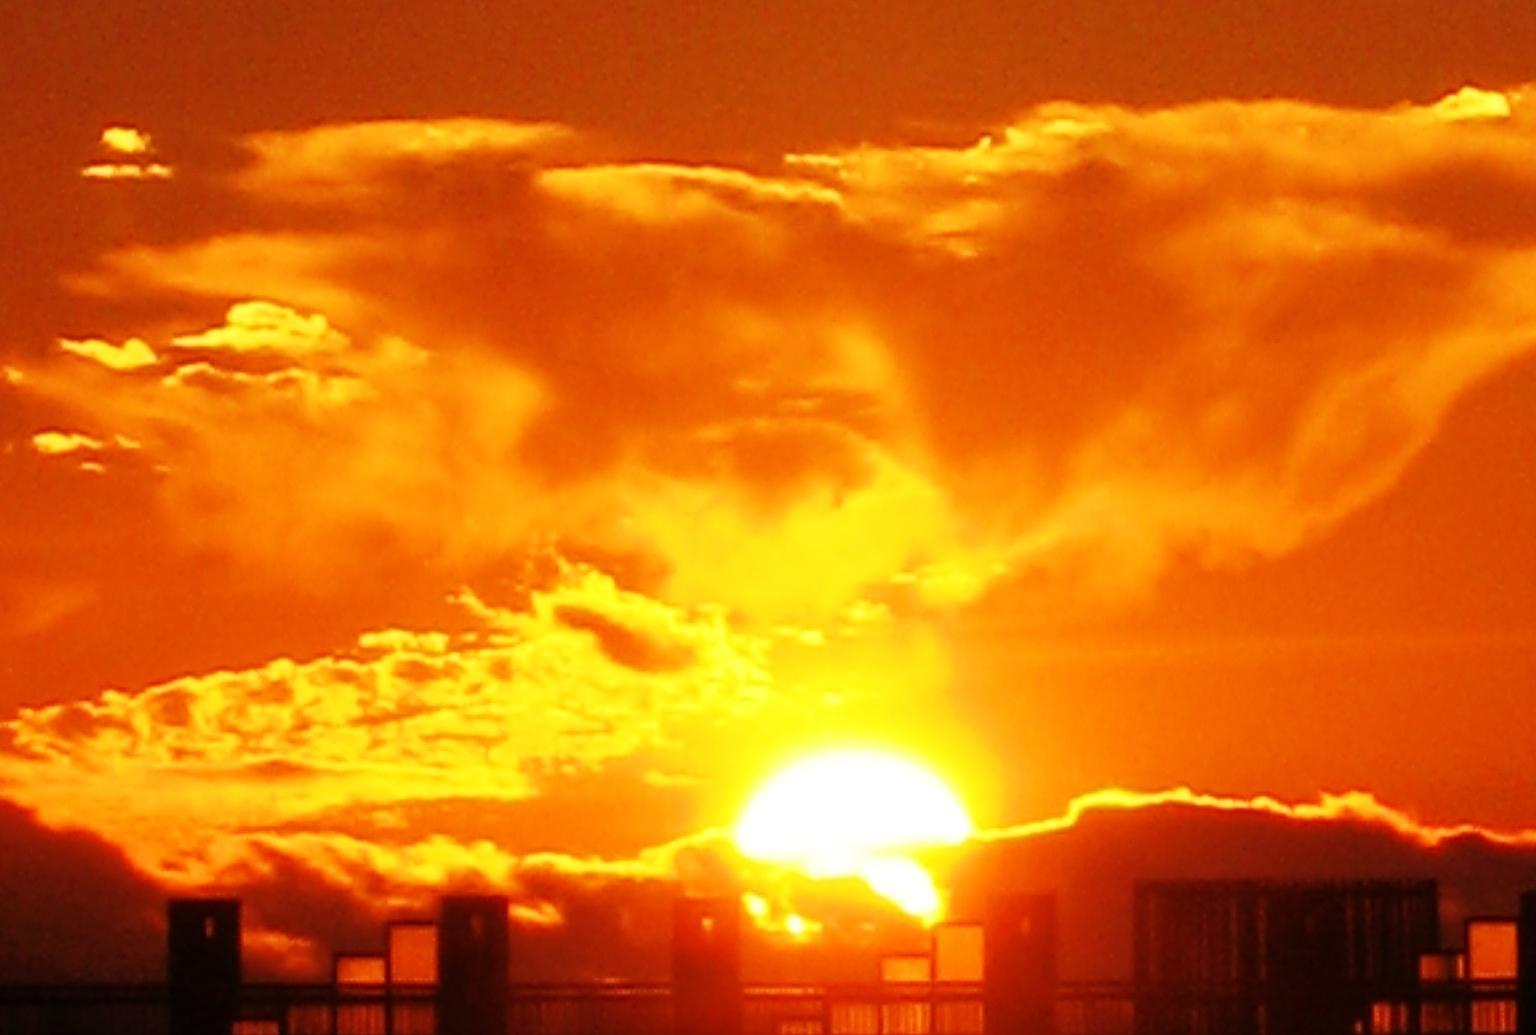 foto al tramonto in A Tenerife il sole tarda a tramontare offrendoci spettacoli indimenticabili